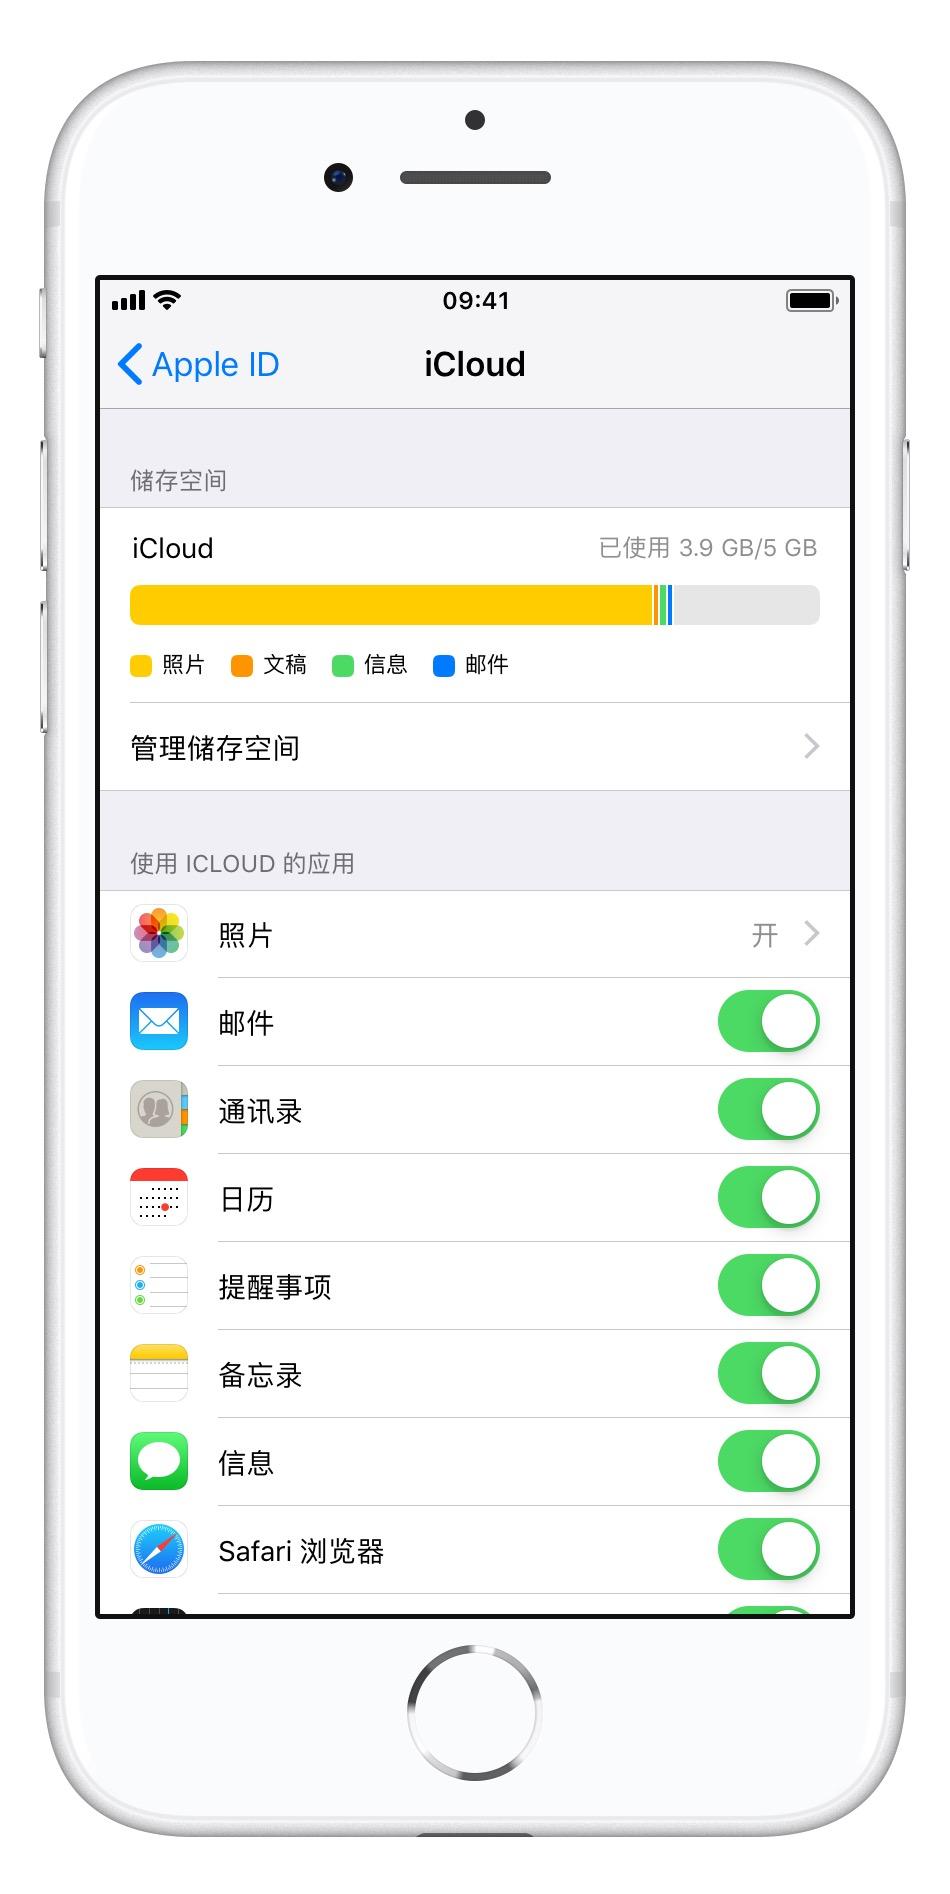 iPhone 用户应该如何正确使用 iCloud?